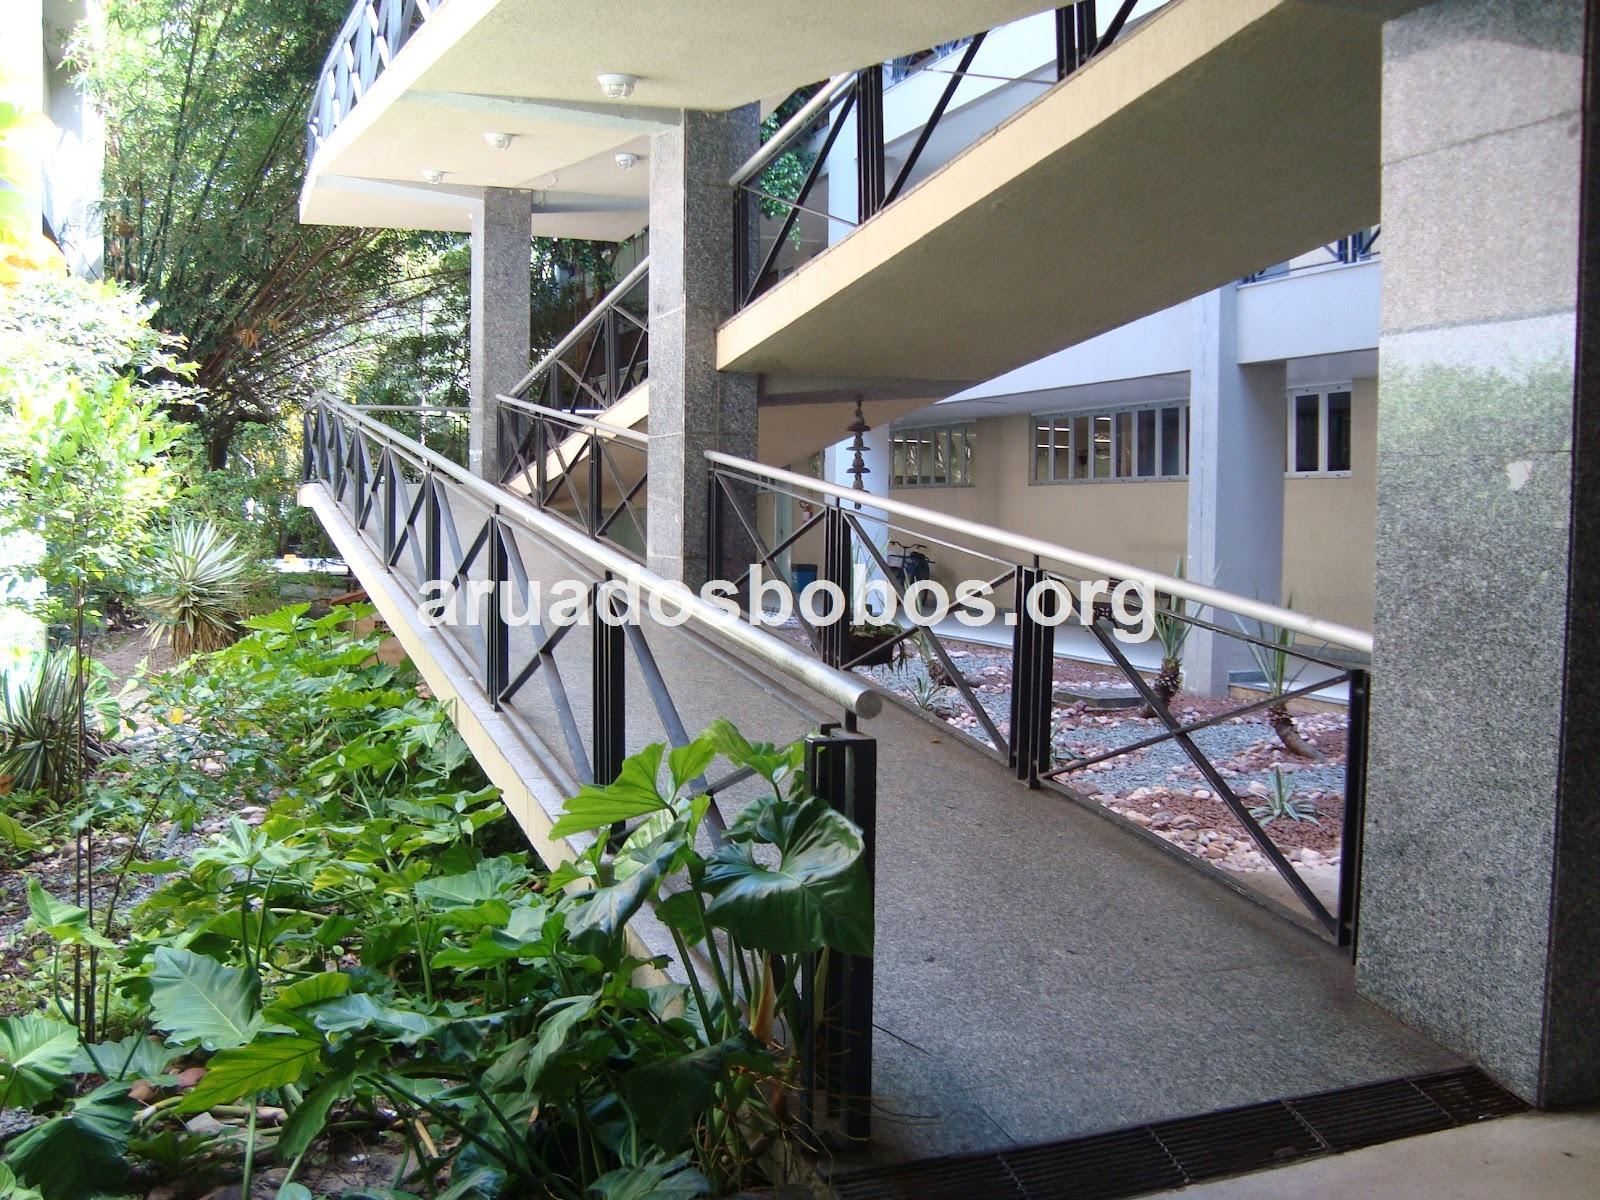 Imagens de #446730 Rua dos Bobos: Acessibilidade na Unifor. Cadê? 1600x1200 px 3476 Bloco Autocad Banheiro Acessibilidade